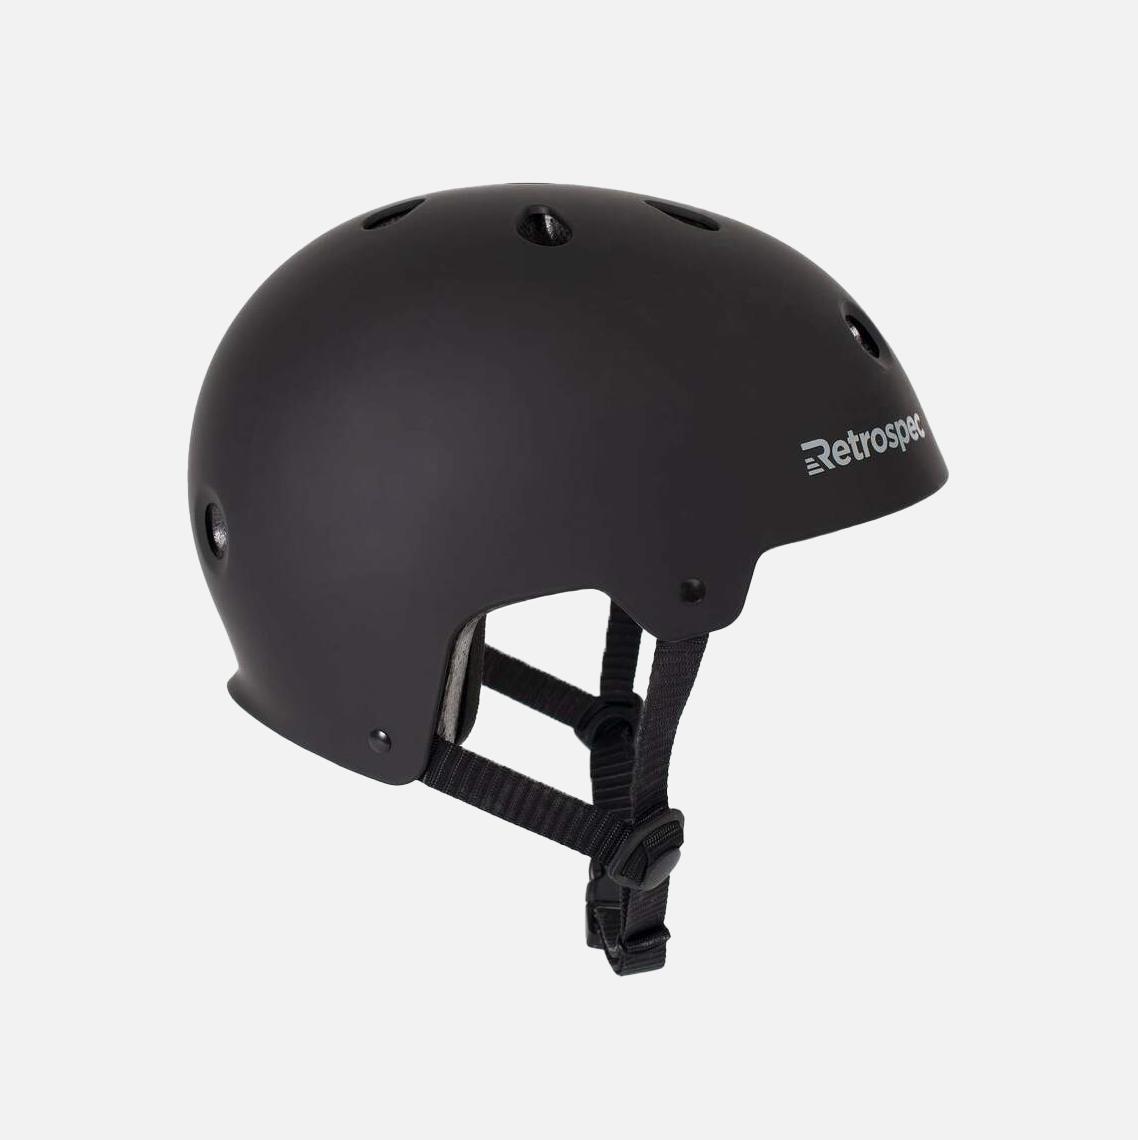 Spin helmet